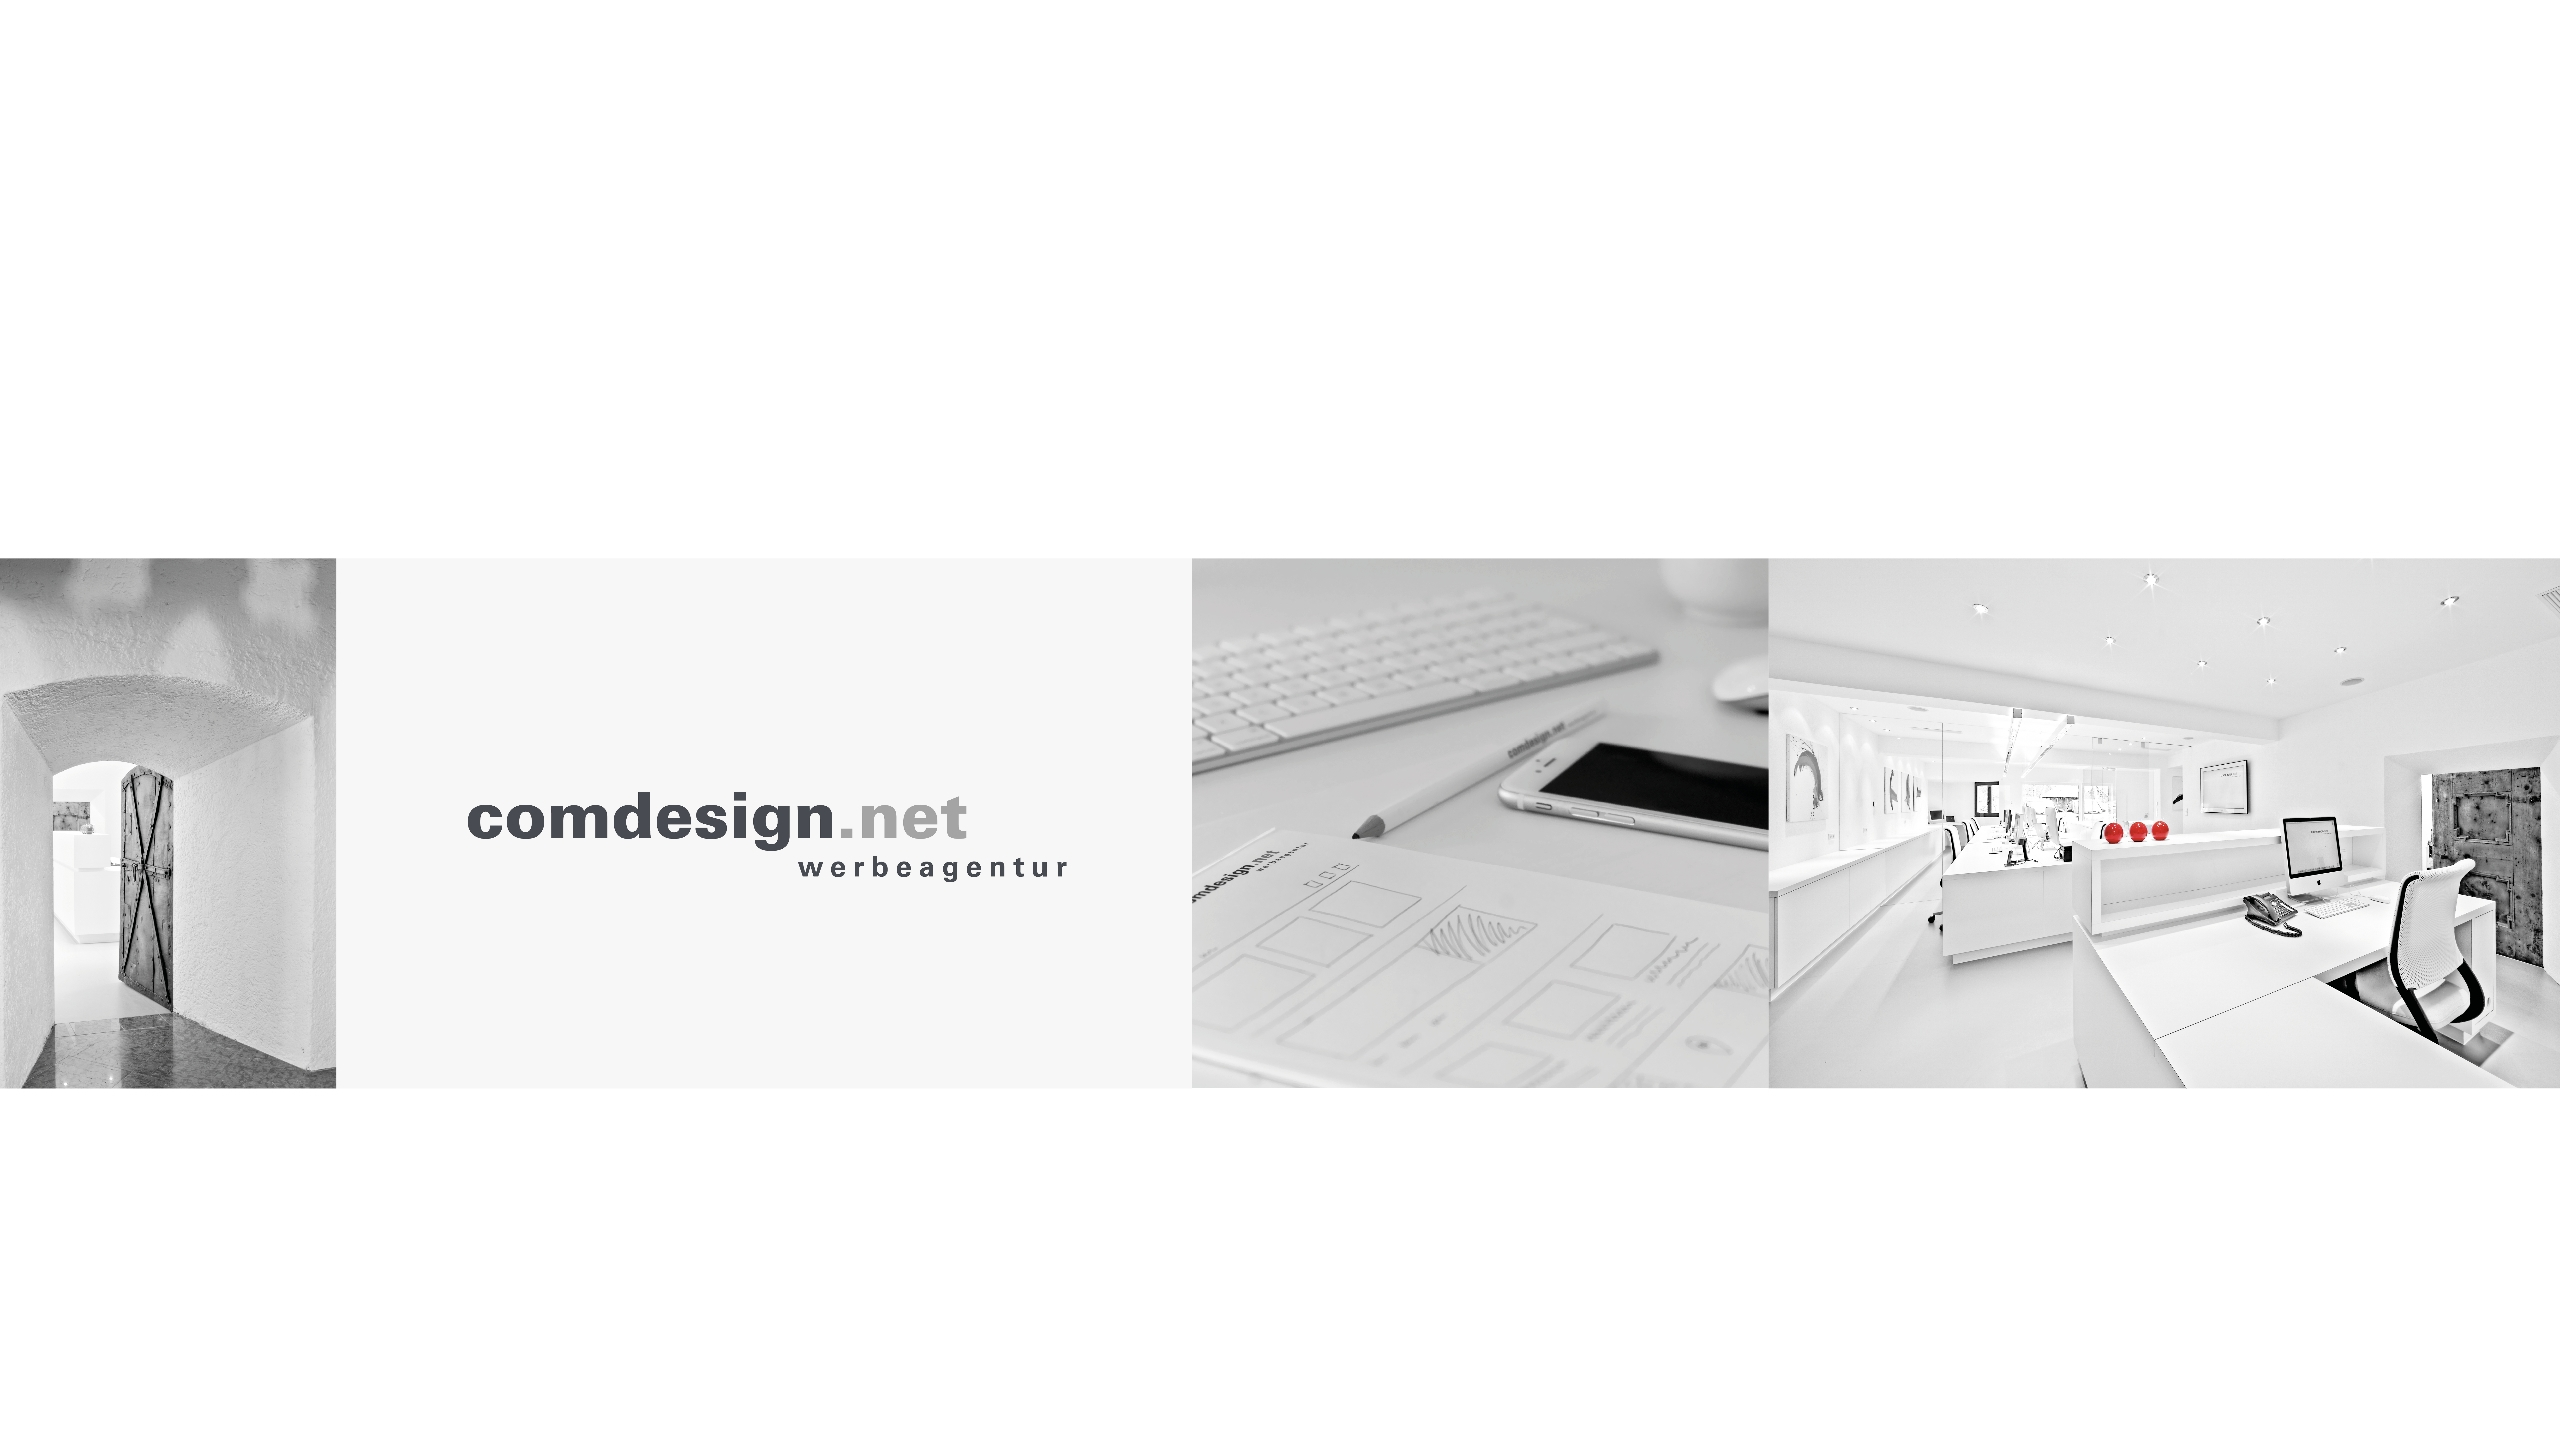 werbeagentur comdesign.net (@werbeagentur_comdesign) Cover Image